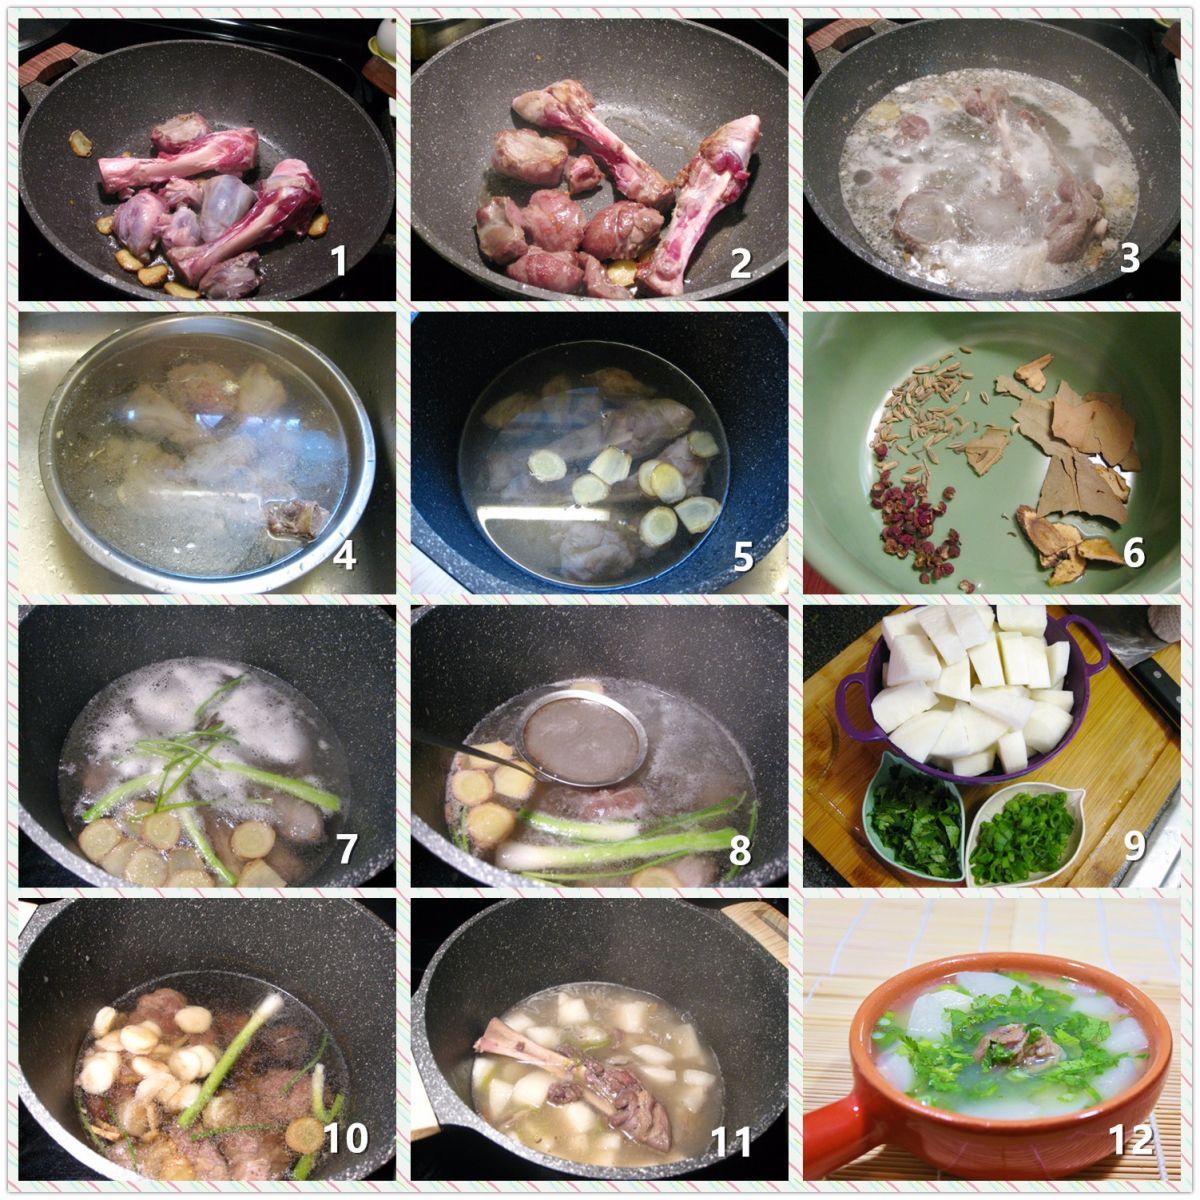 清炖羊肉汤_图1-2